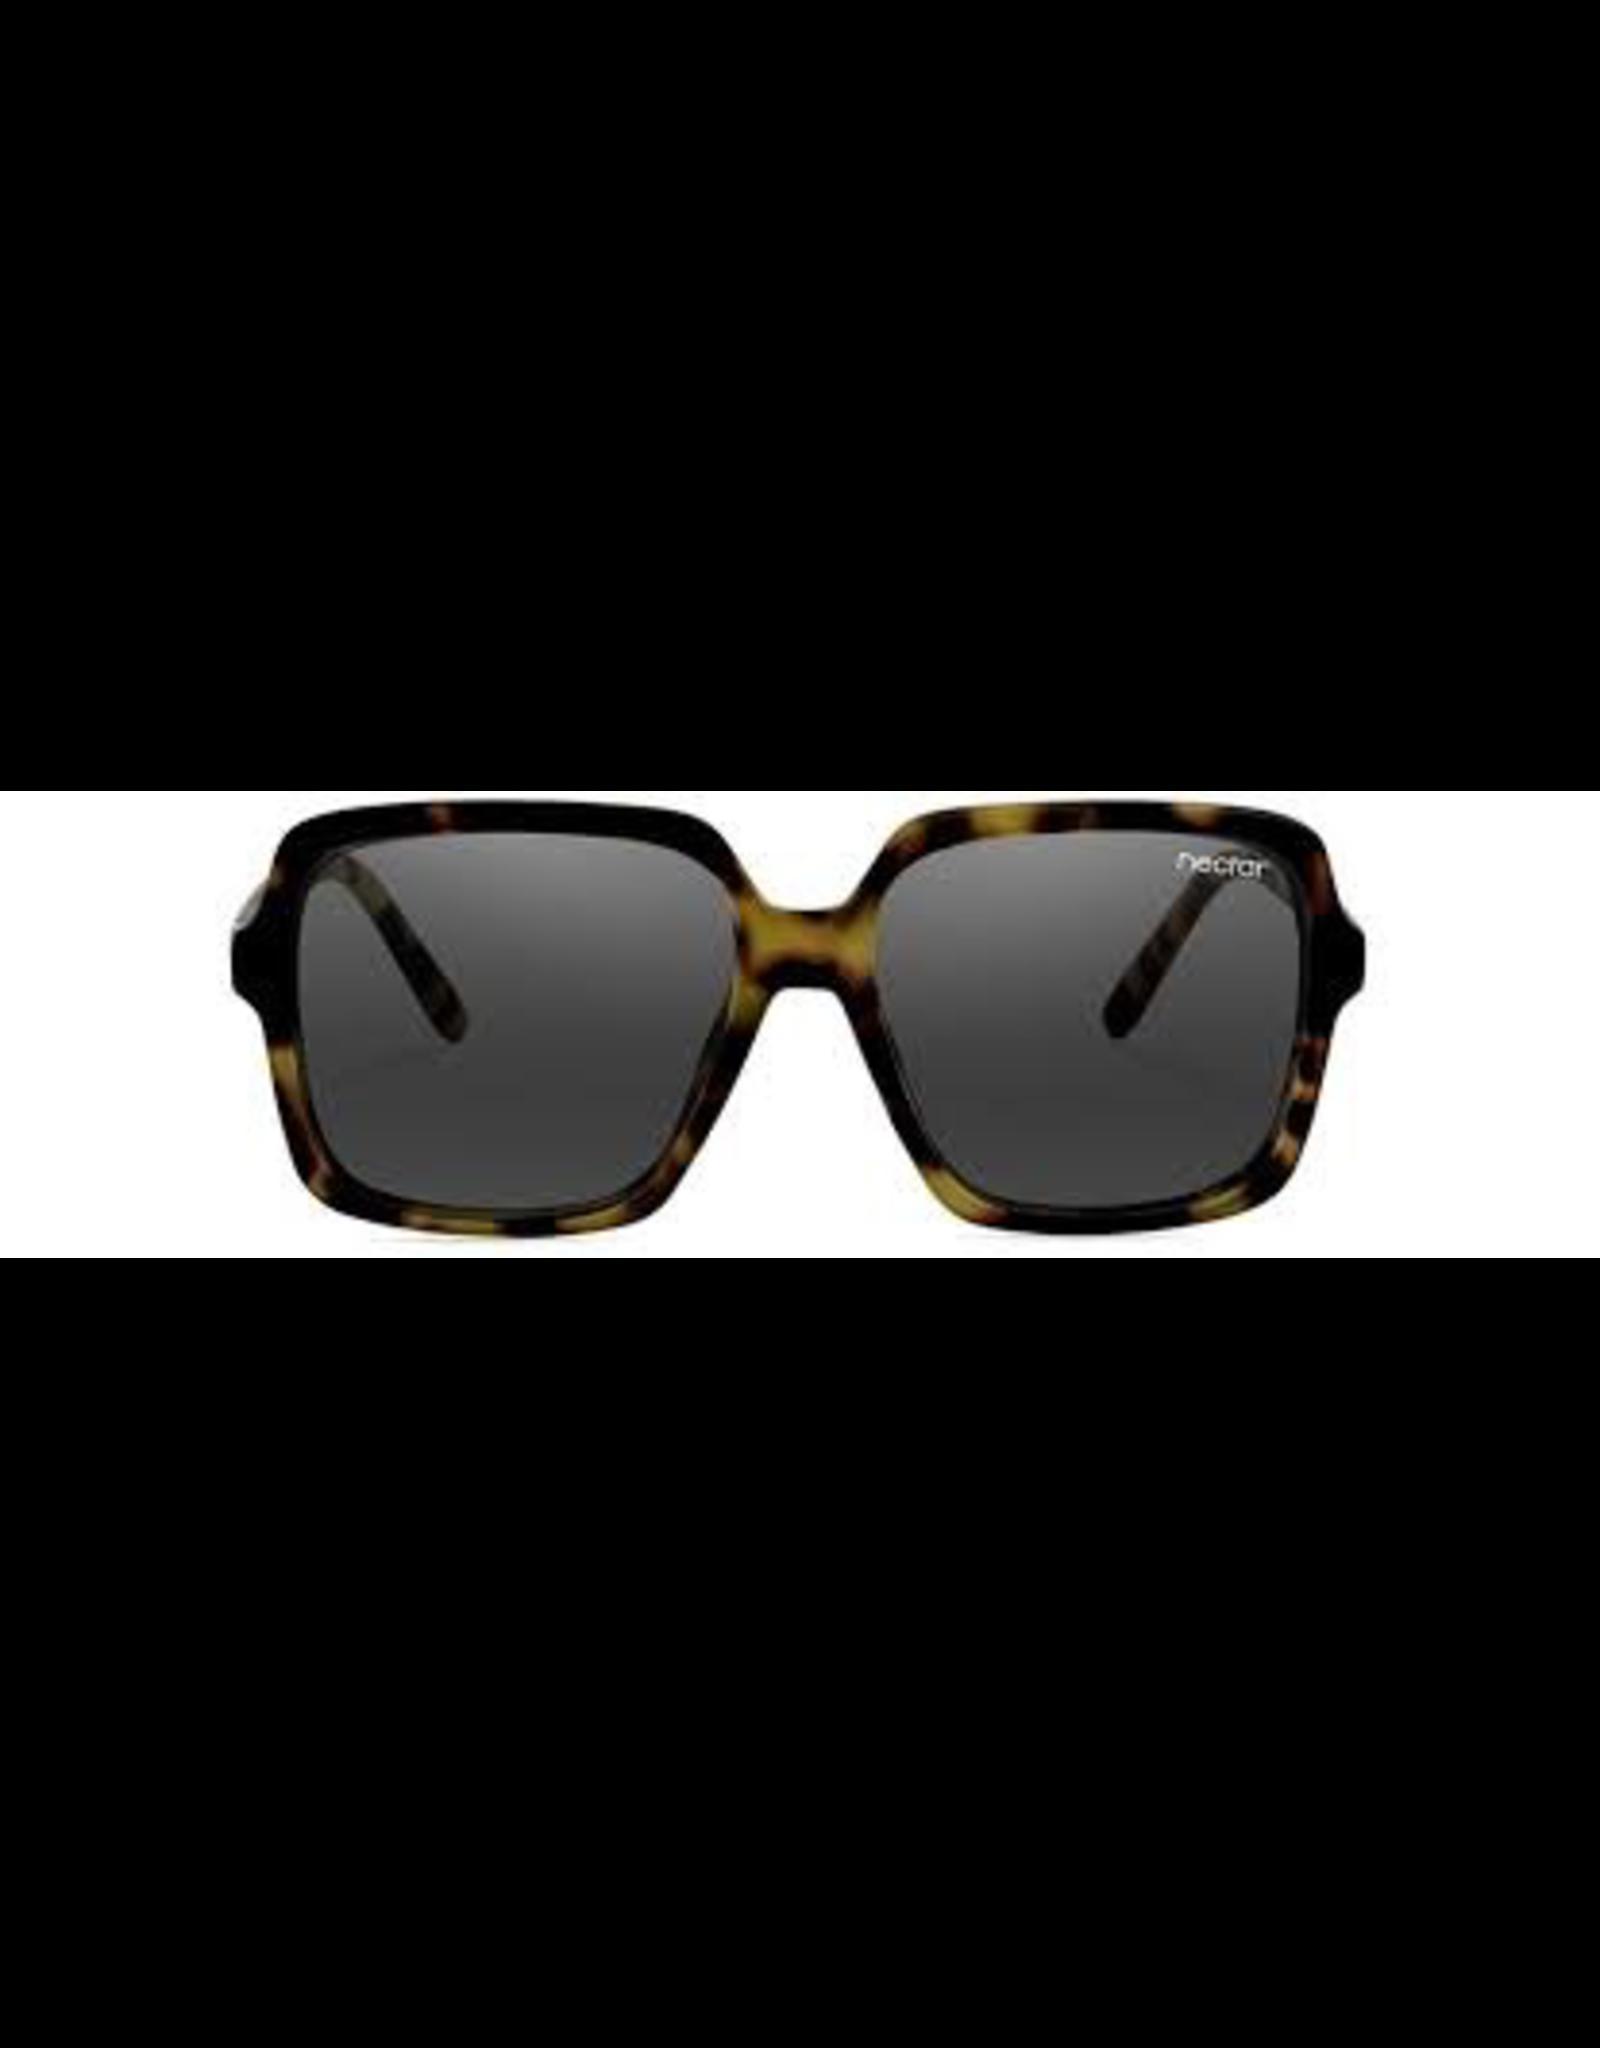 NECTAR NECTAR SUNGLASSES S.N.O.B TORTOISE FRAME - BLACK LENS